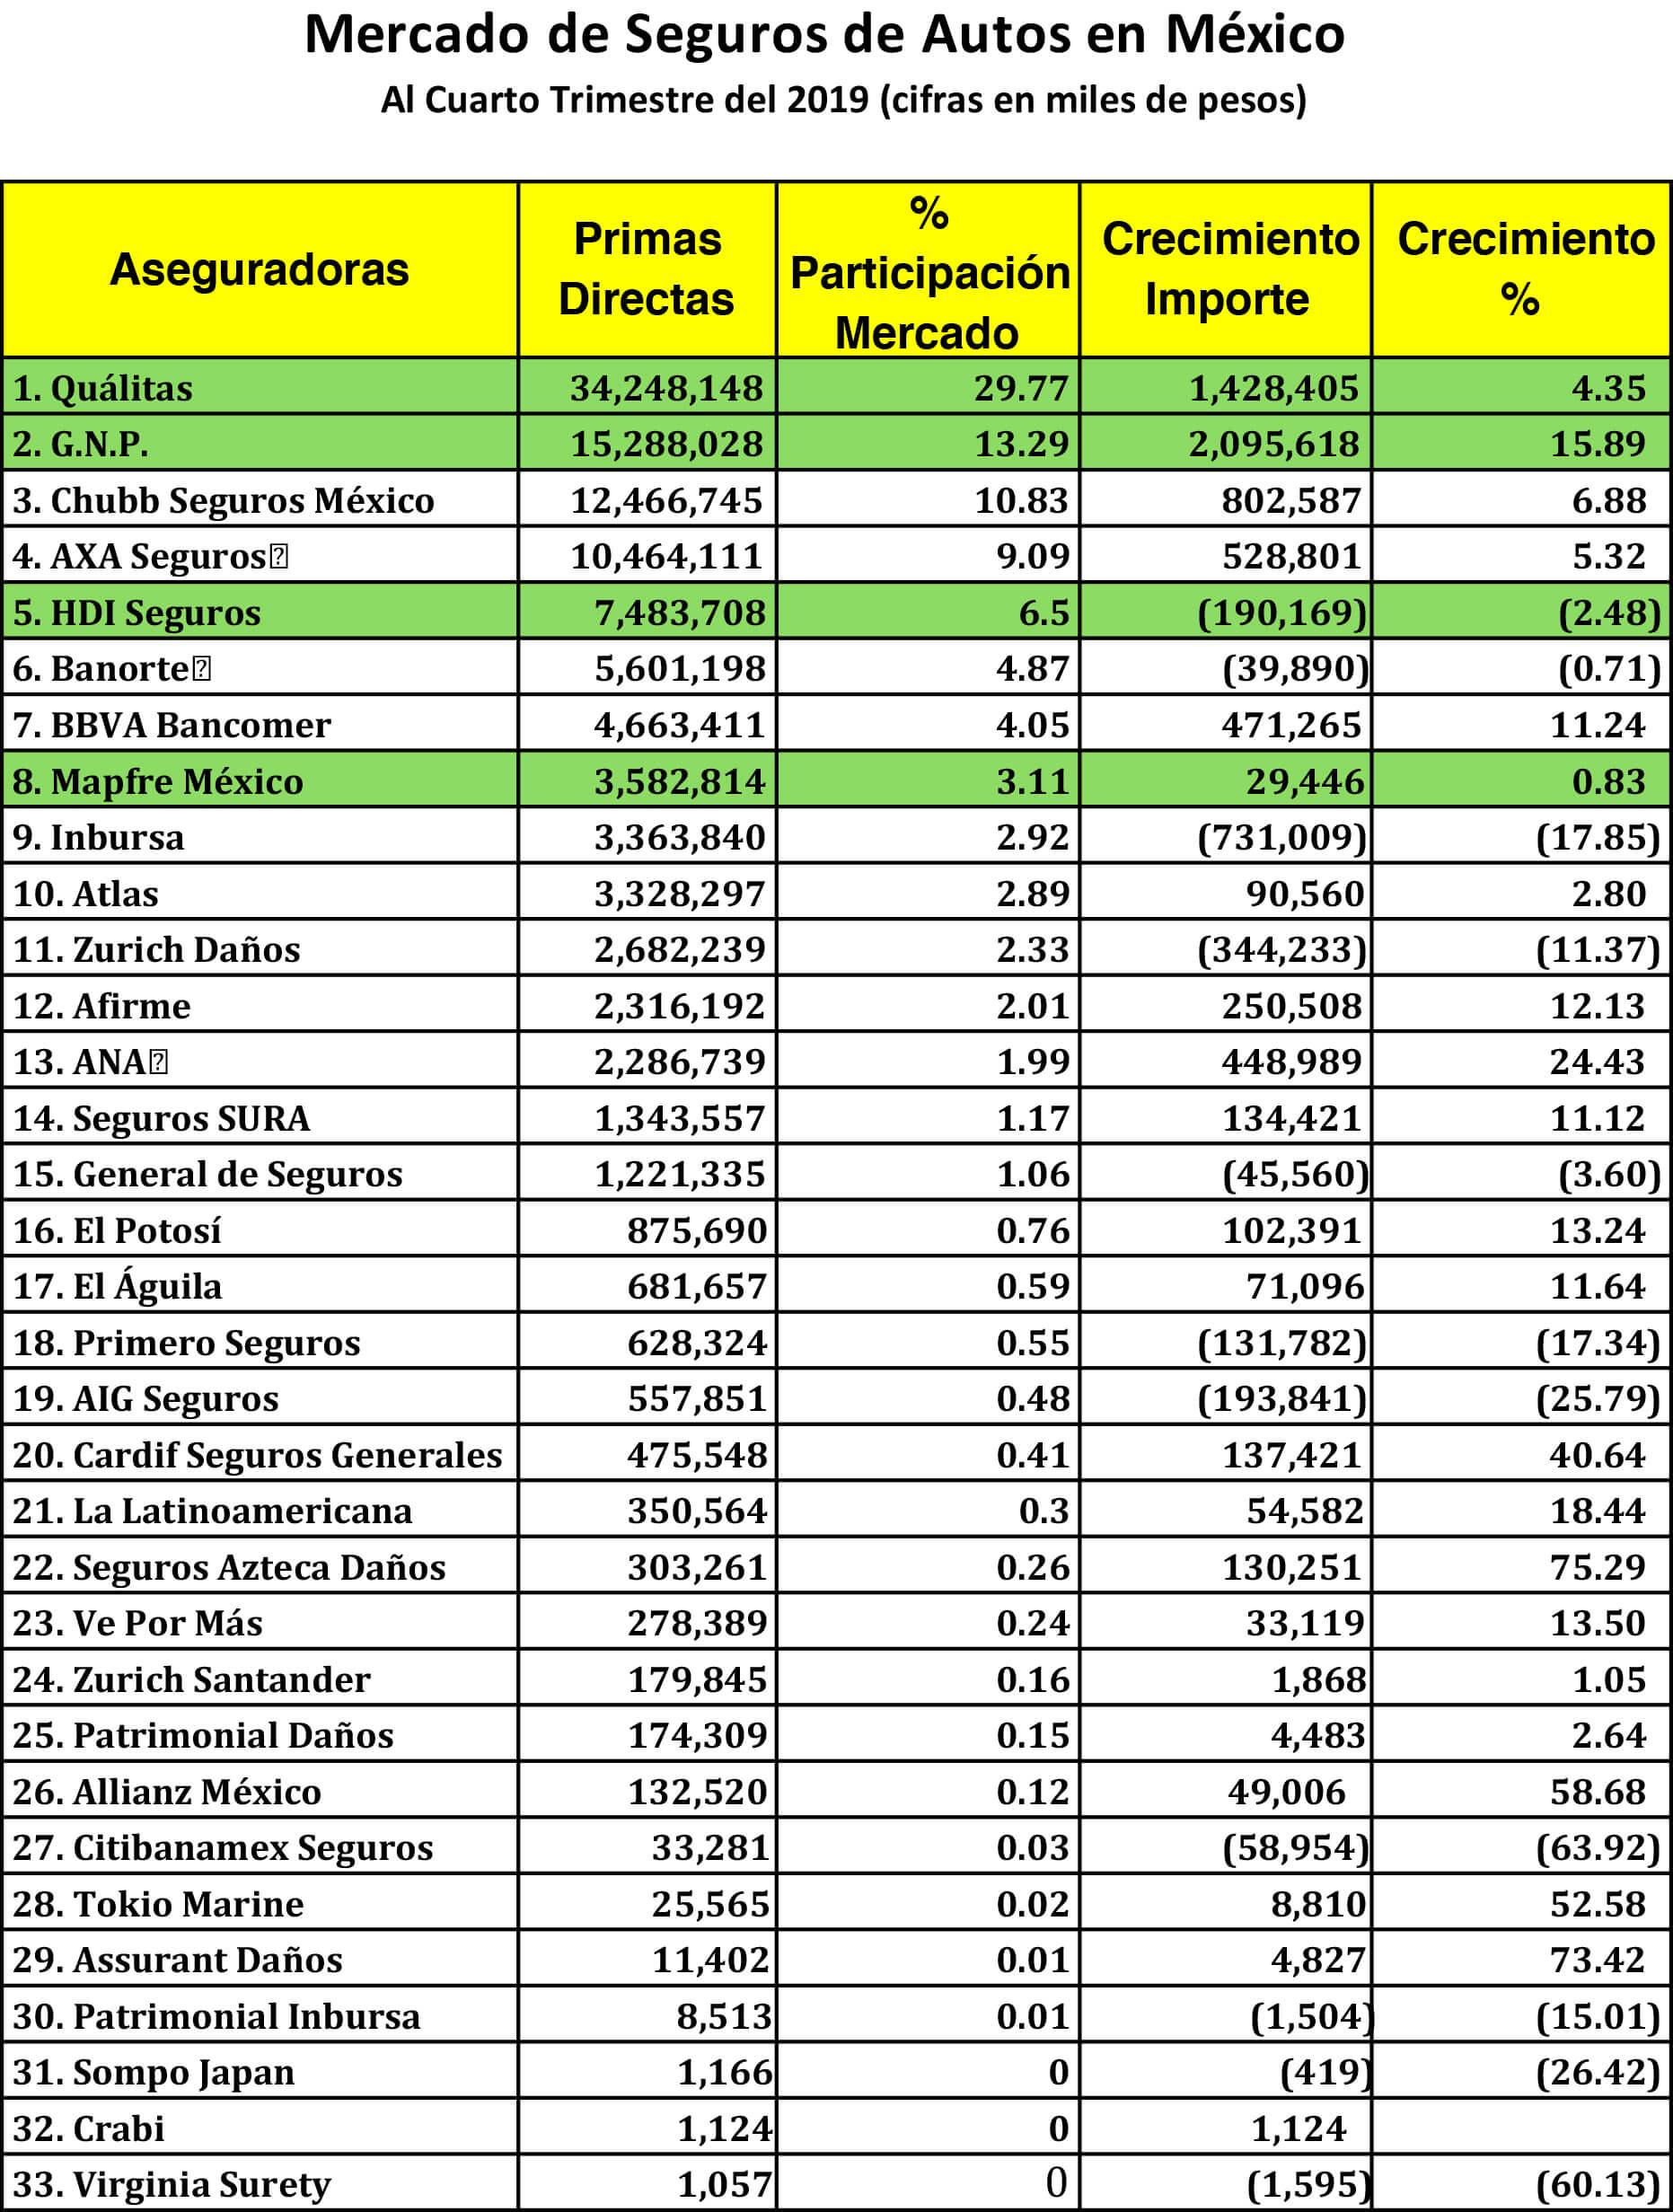 Mercado de Seguros de Autos en México